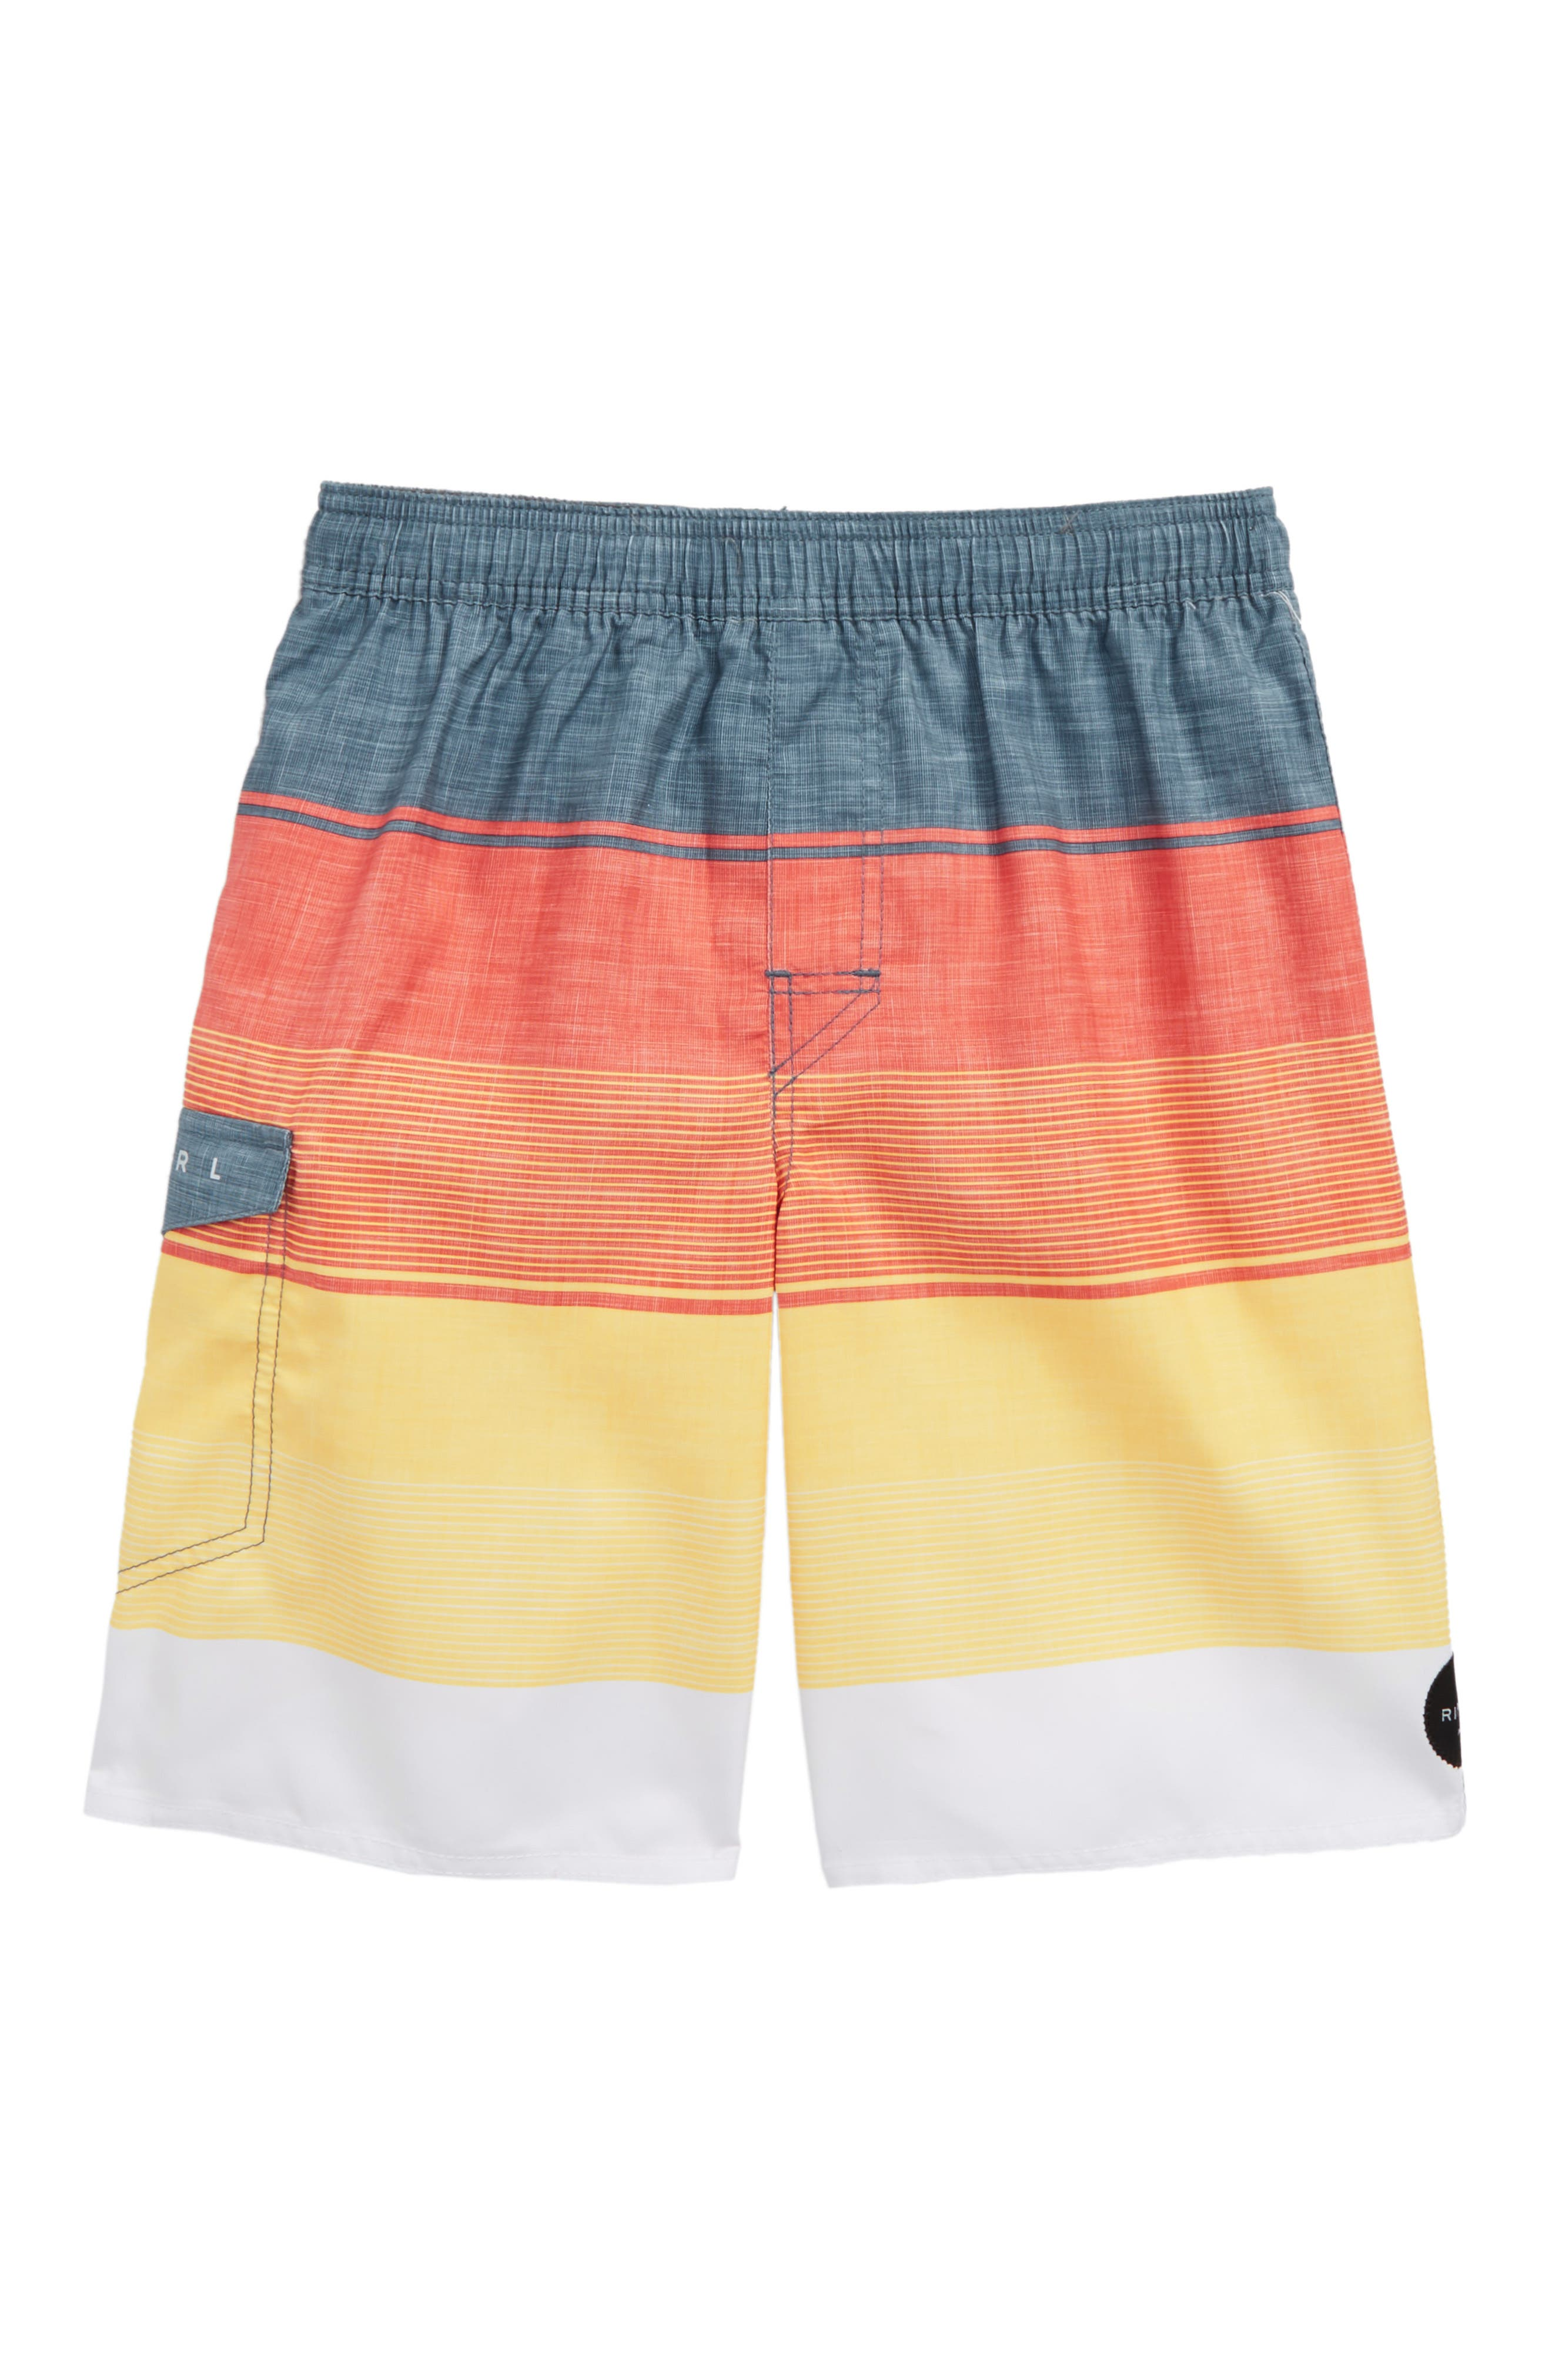 Good Times Volley Shorts,                             Main thumbnail 1, color,